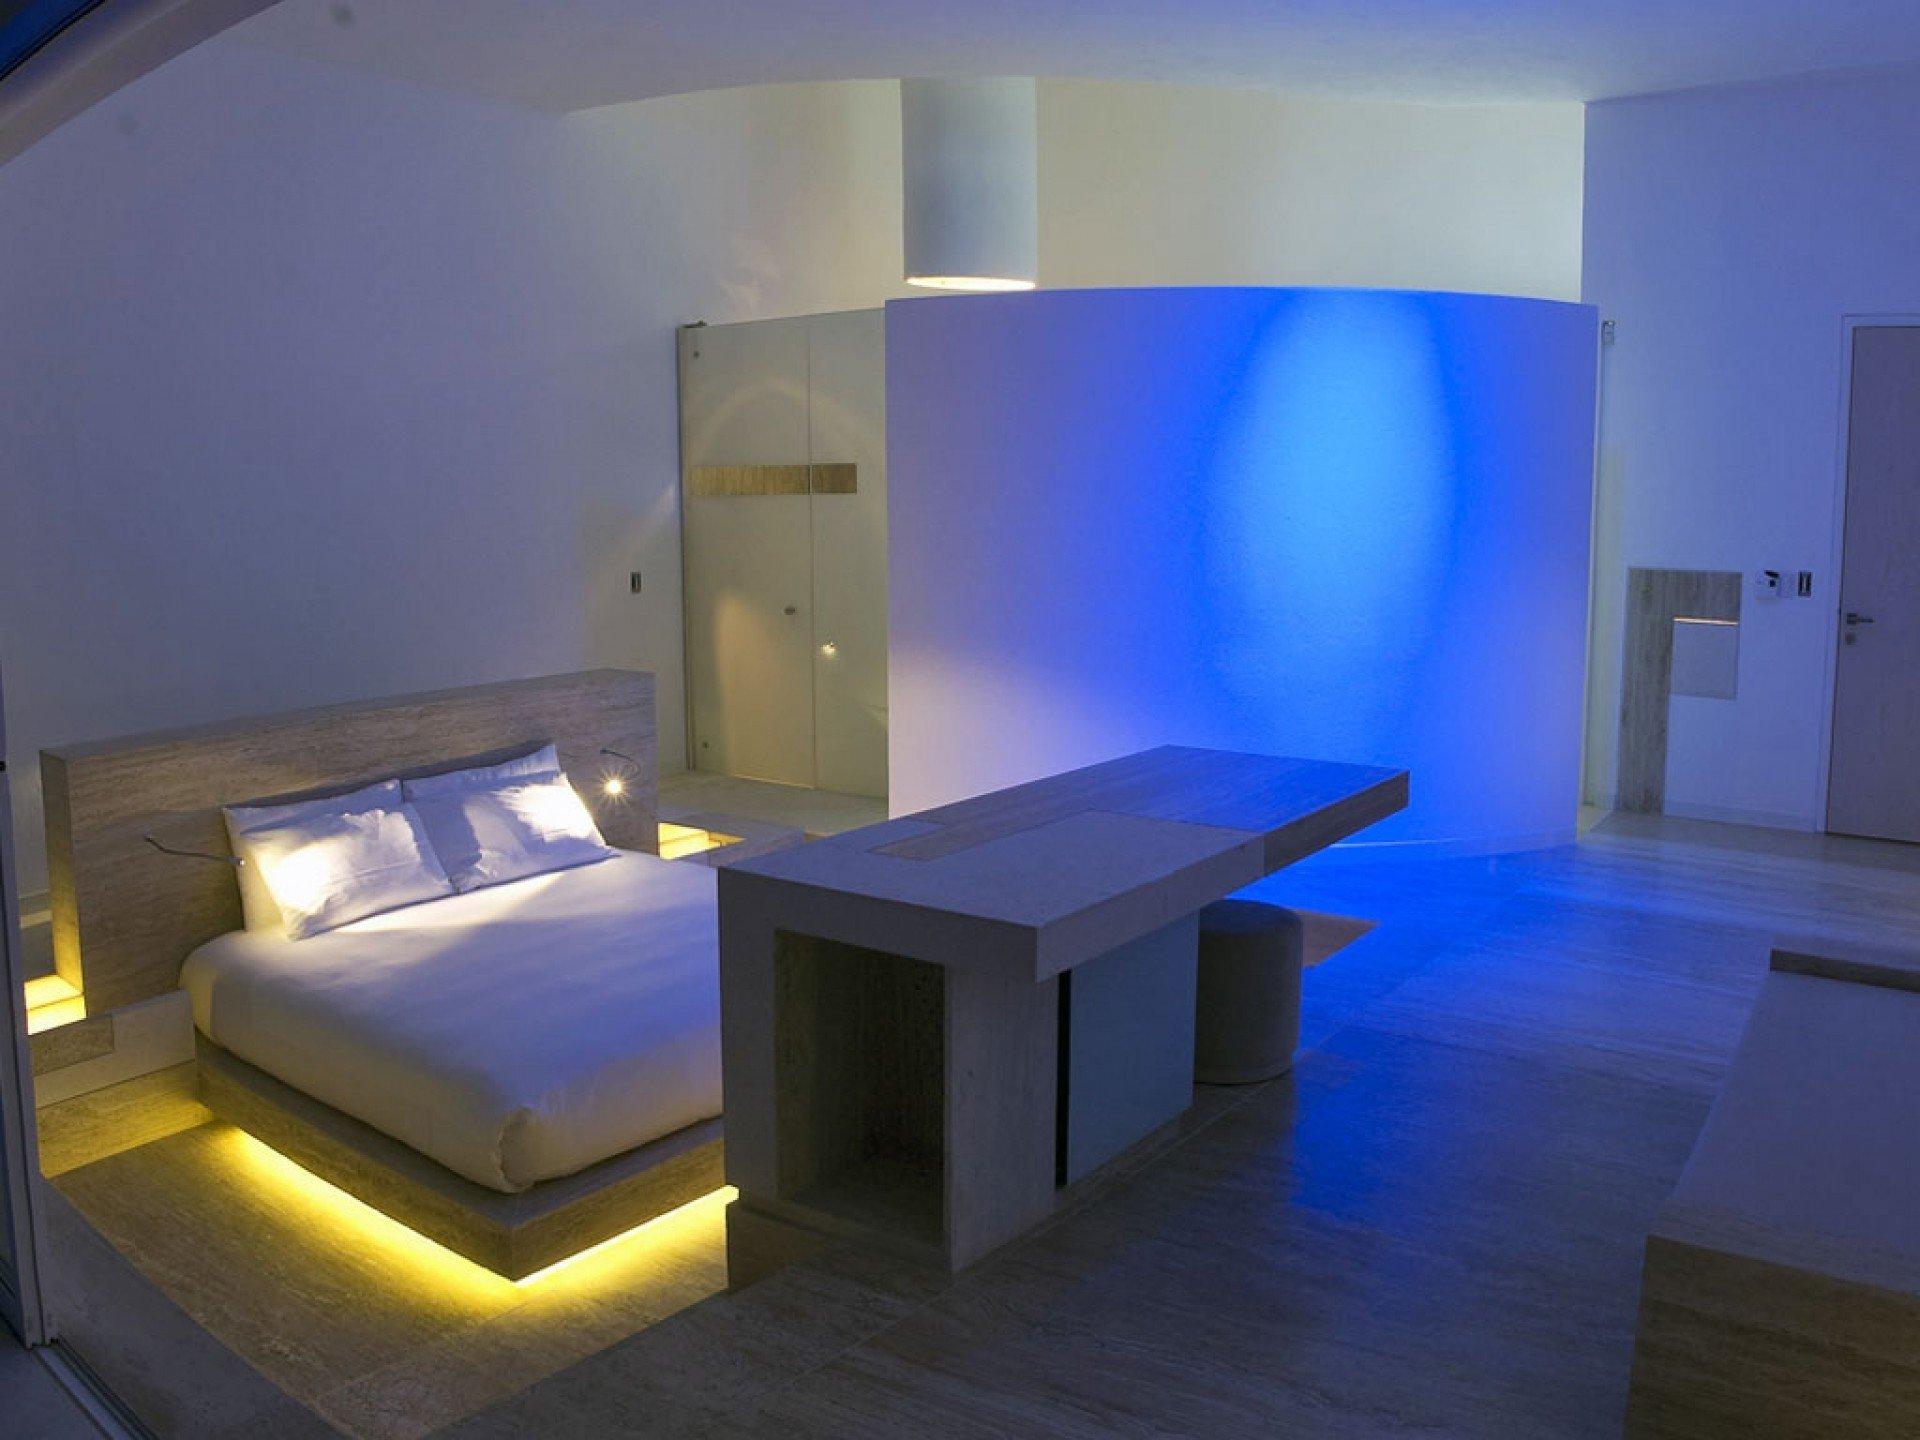 Indirekte Beleuchtung im Schlafzimmer - Romantik pur